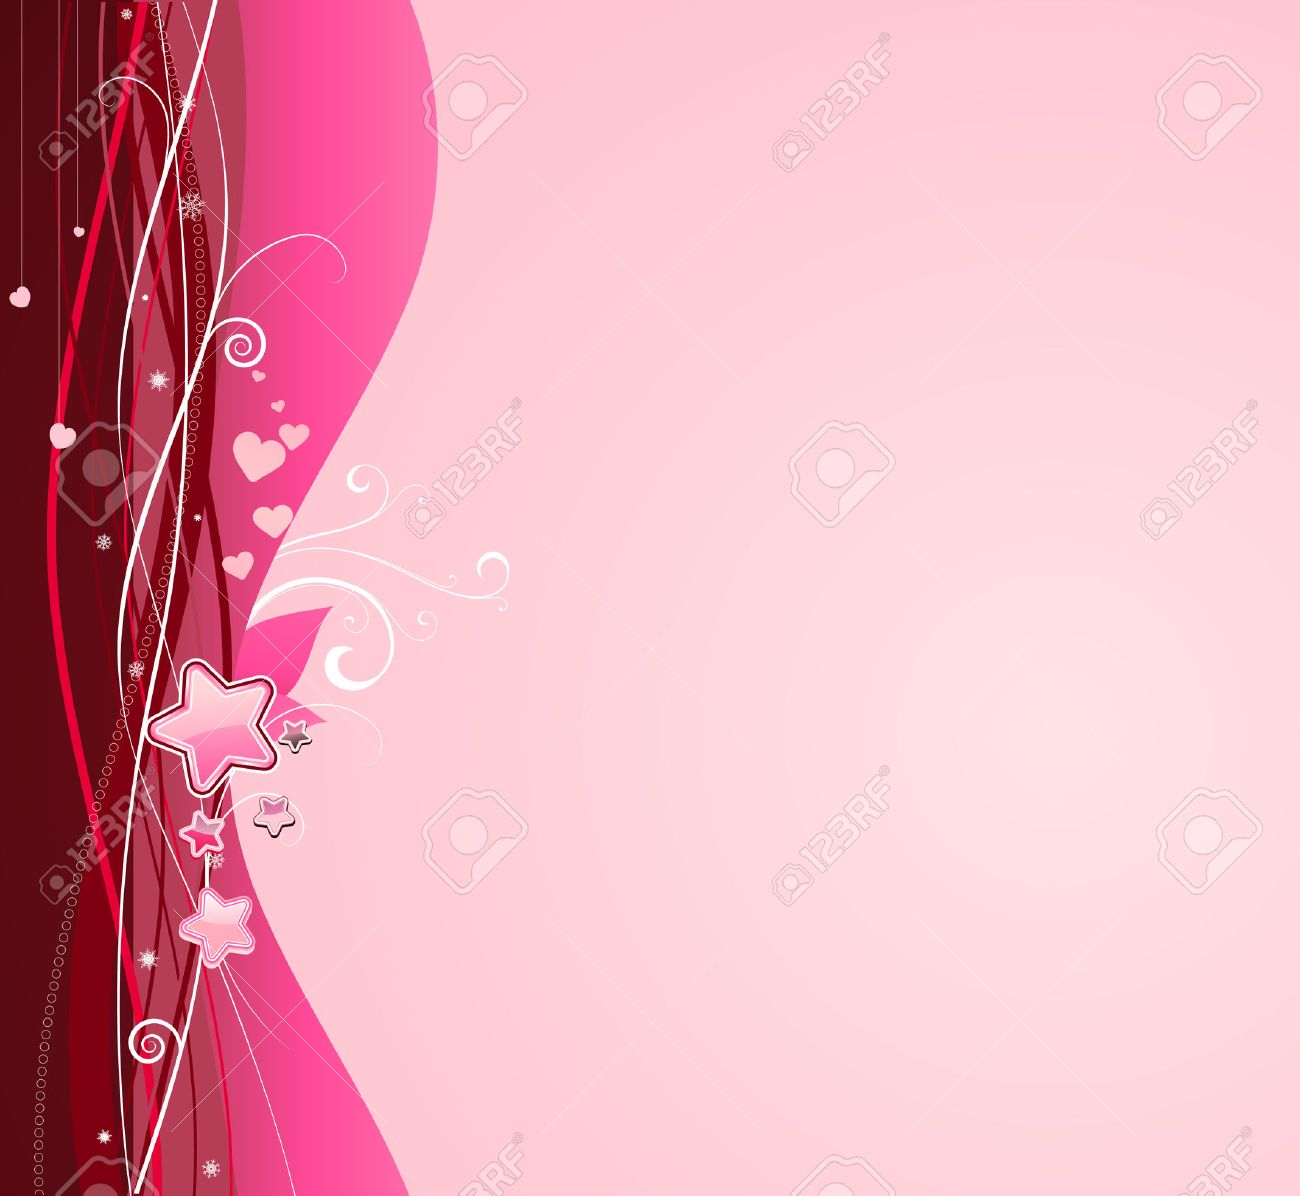 Ilustración Vectorial De Funky Rosa Resumen De Antecedentes. Ideal ...